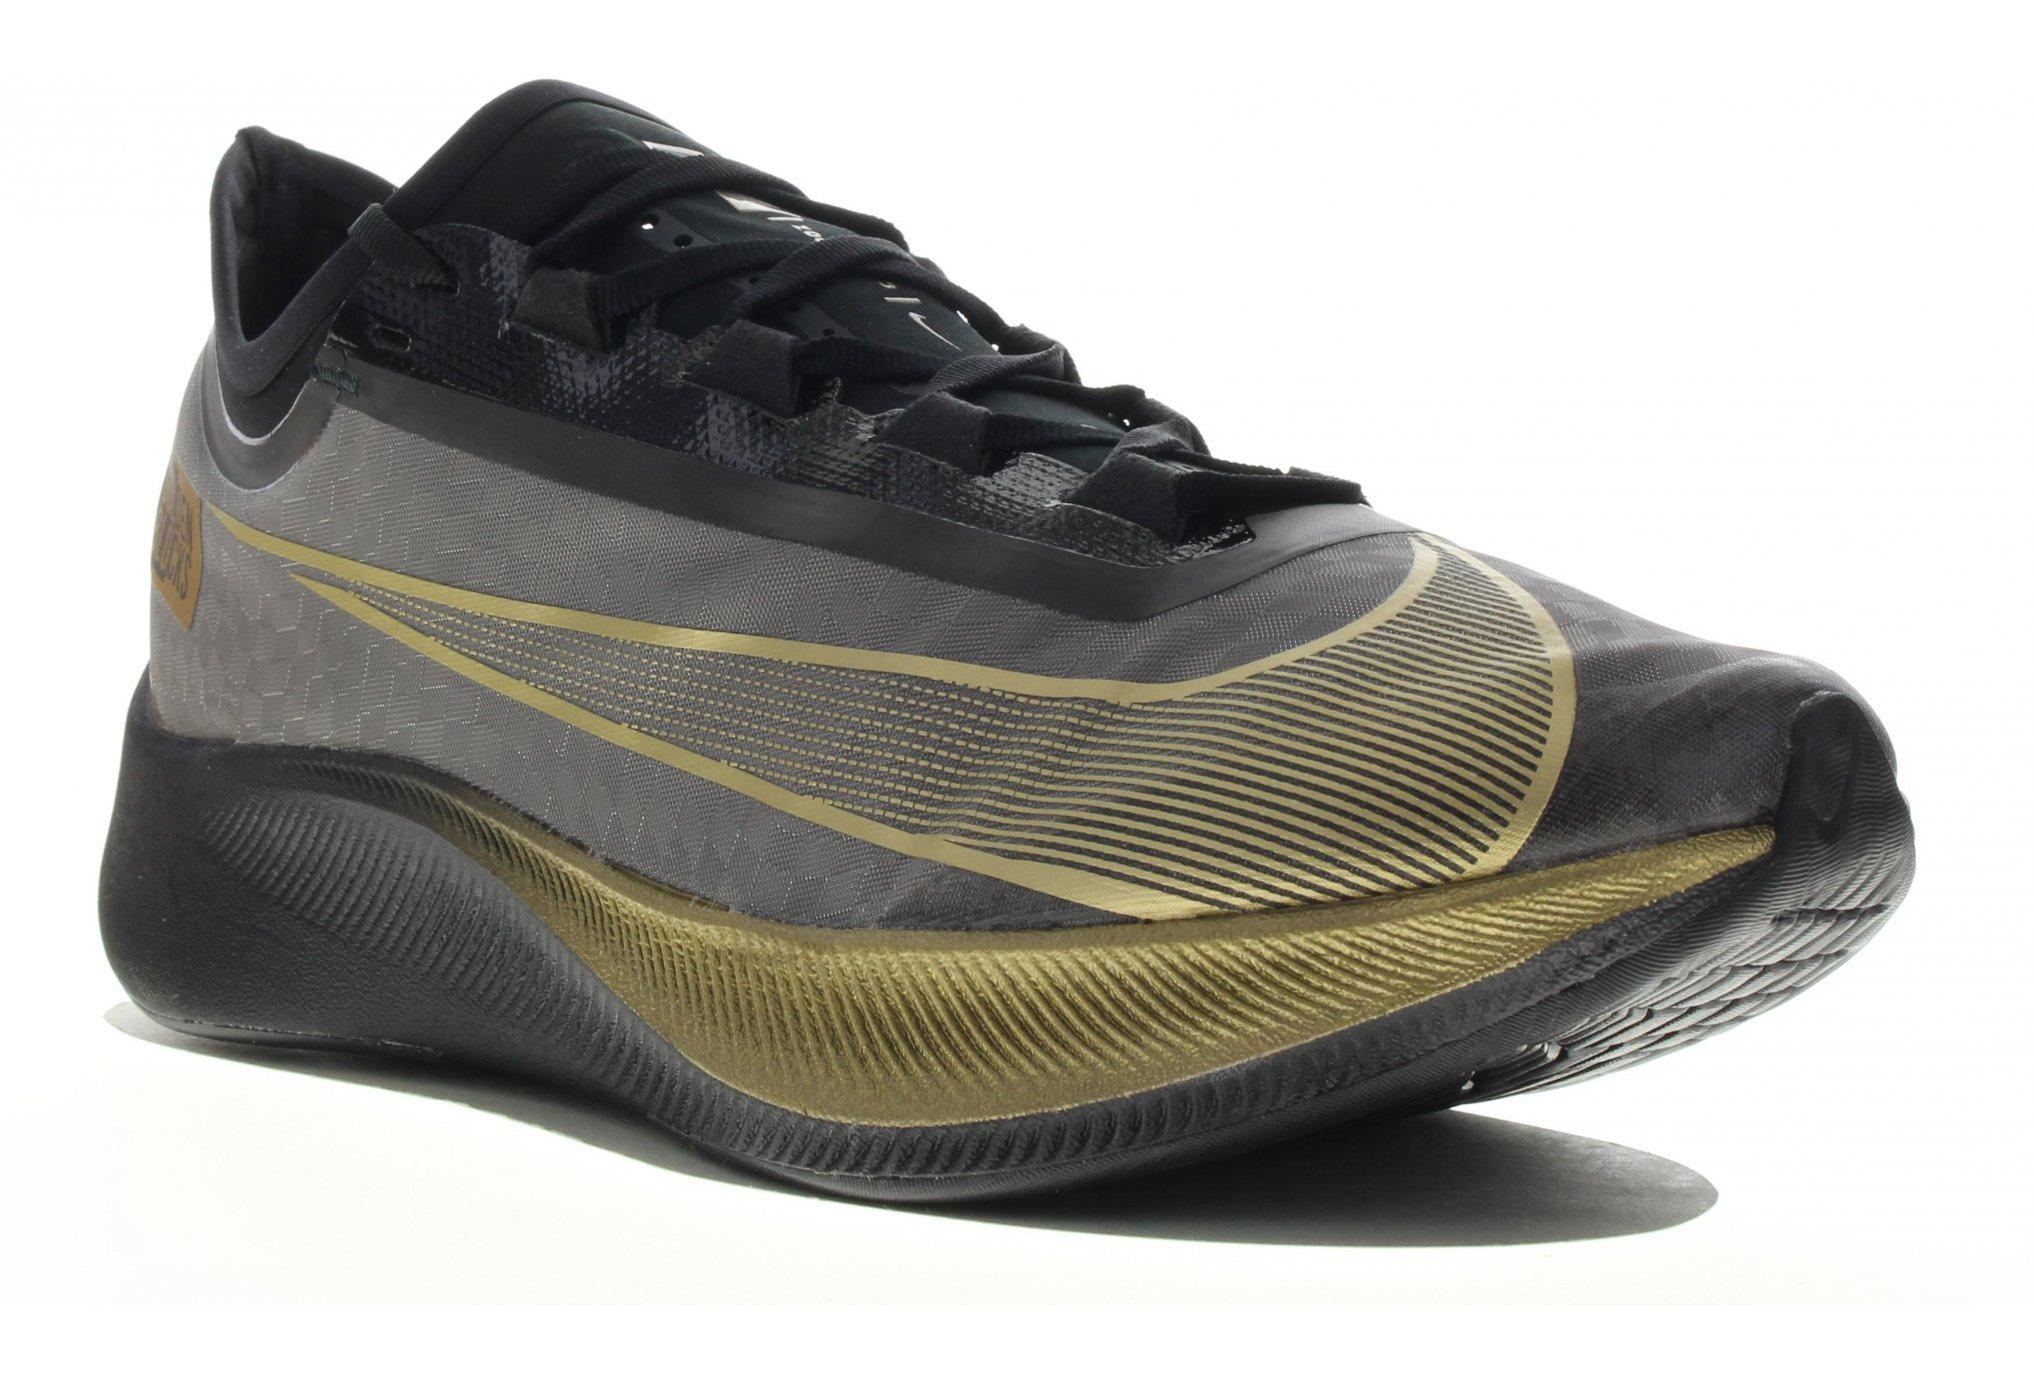 modèles Golden aux couleurs de deux Nike propose exclusifs